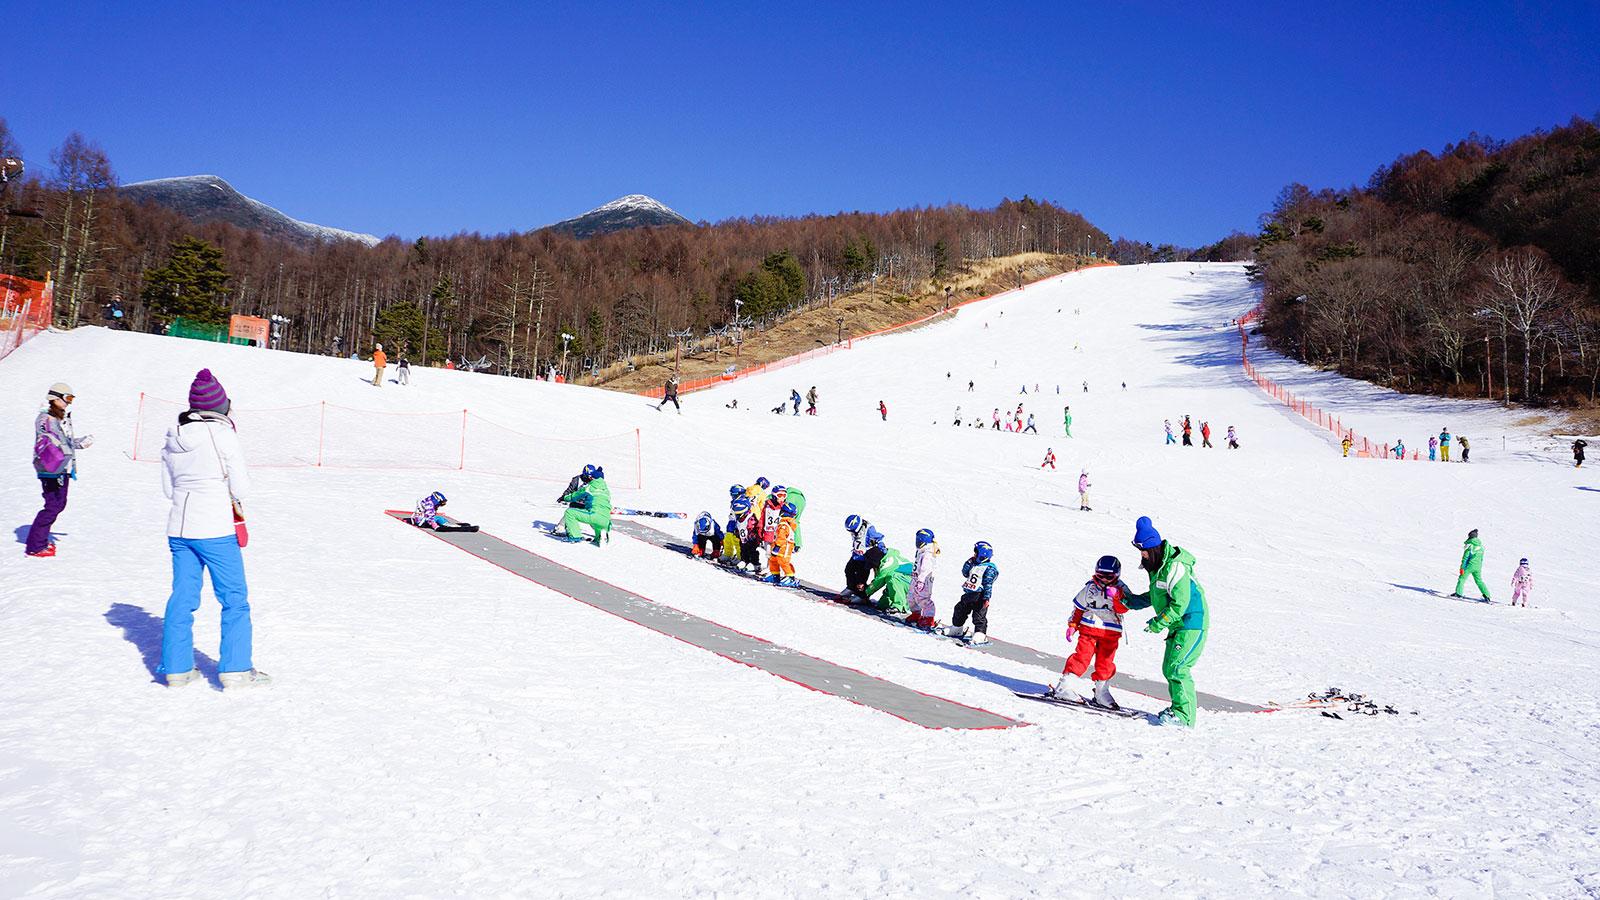 富士見高原スキー場 - 富士見高原スキー場